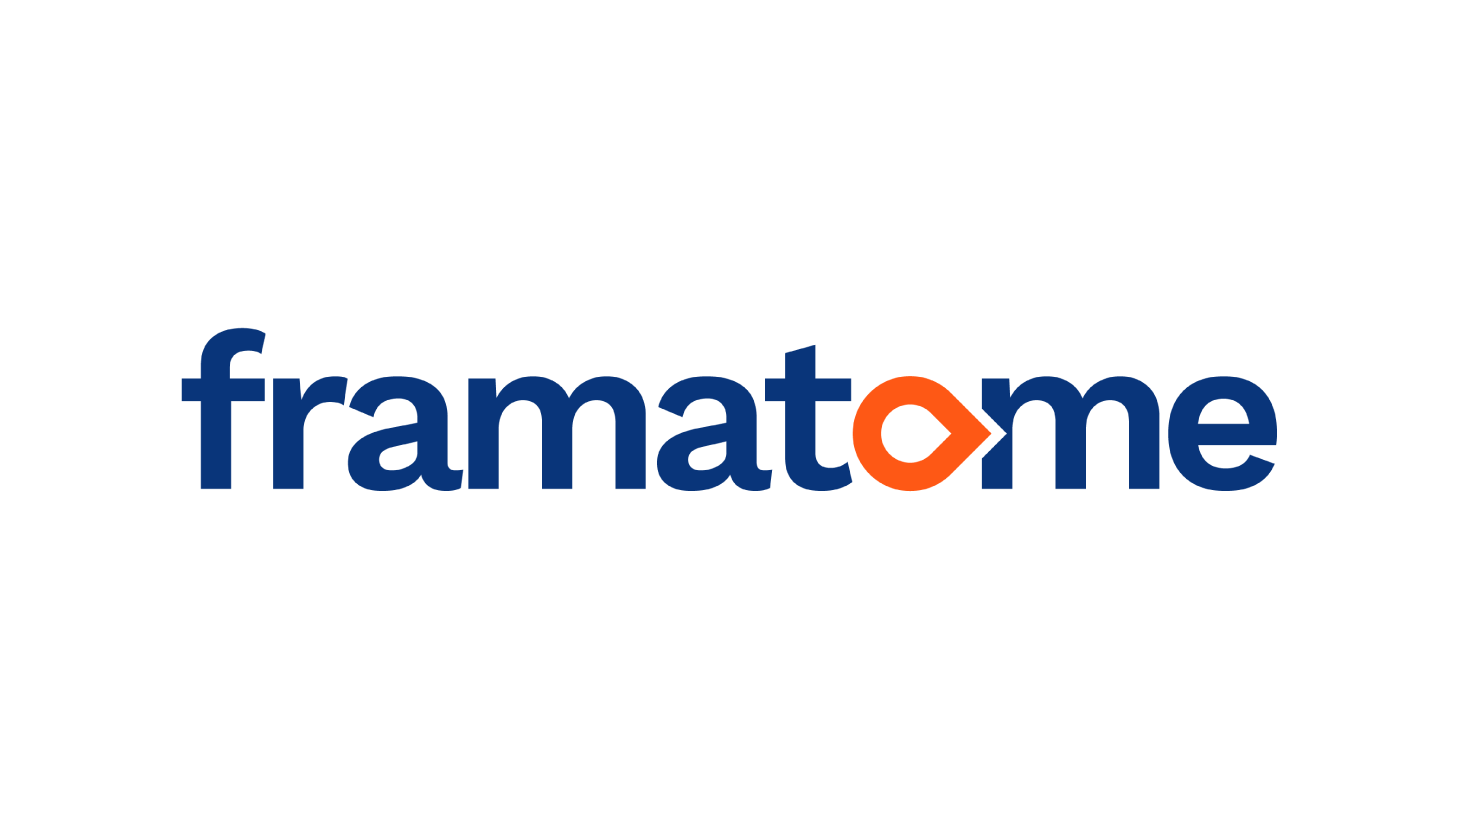 DevonWay-Logos-Scroller-Framatome